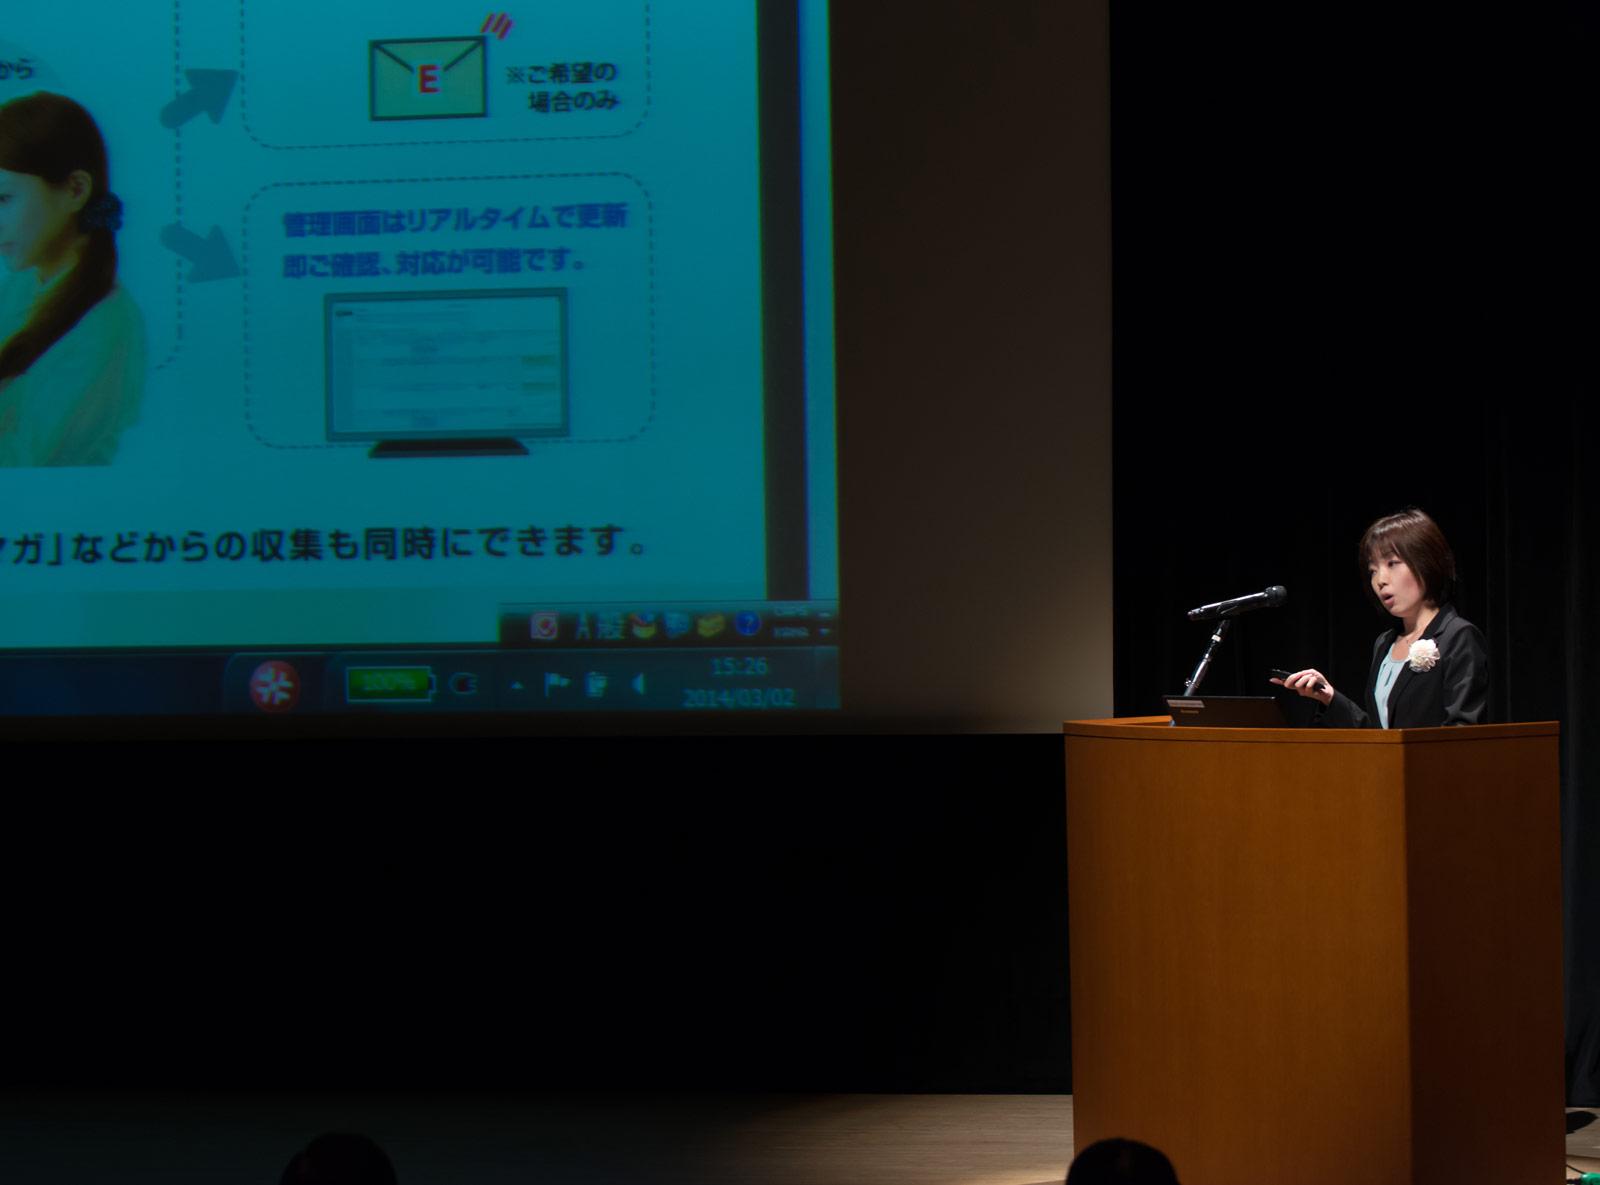 img-presentation-1